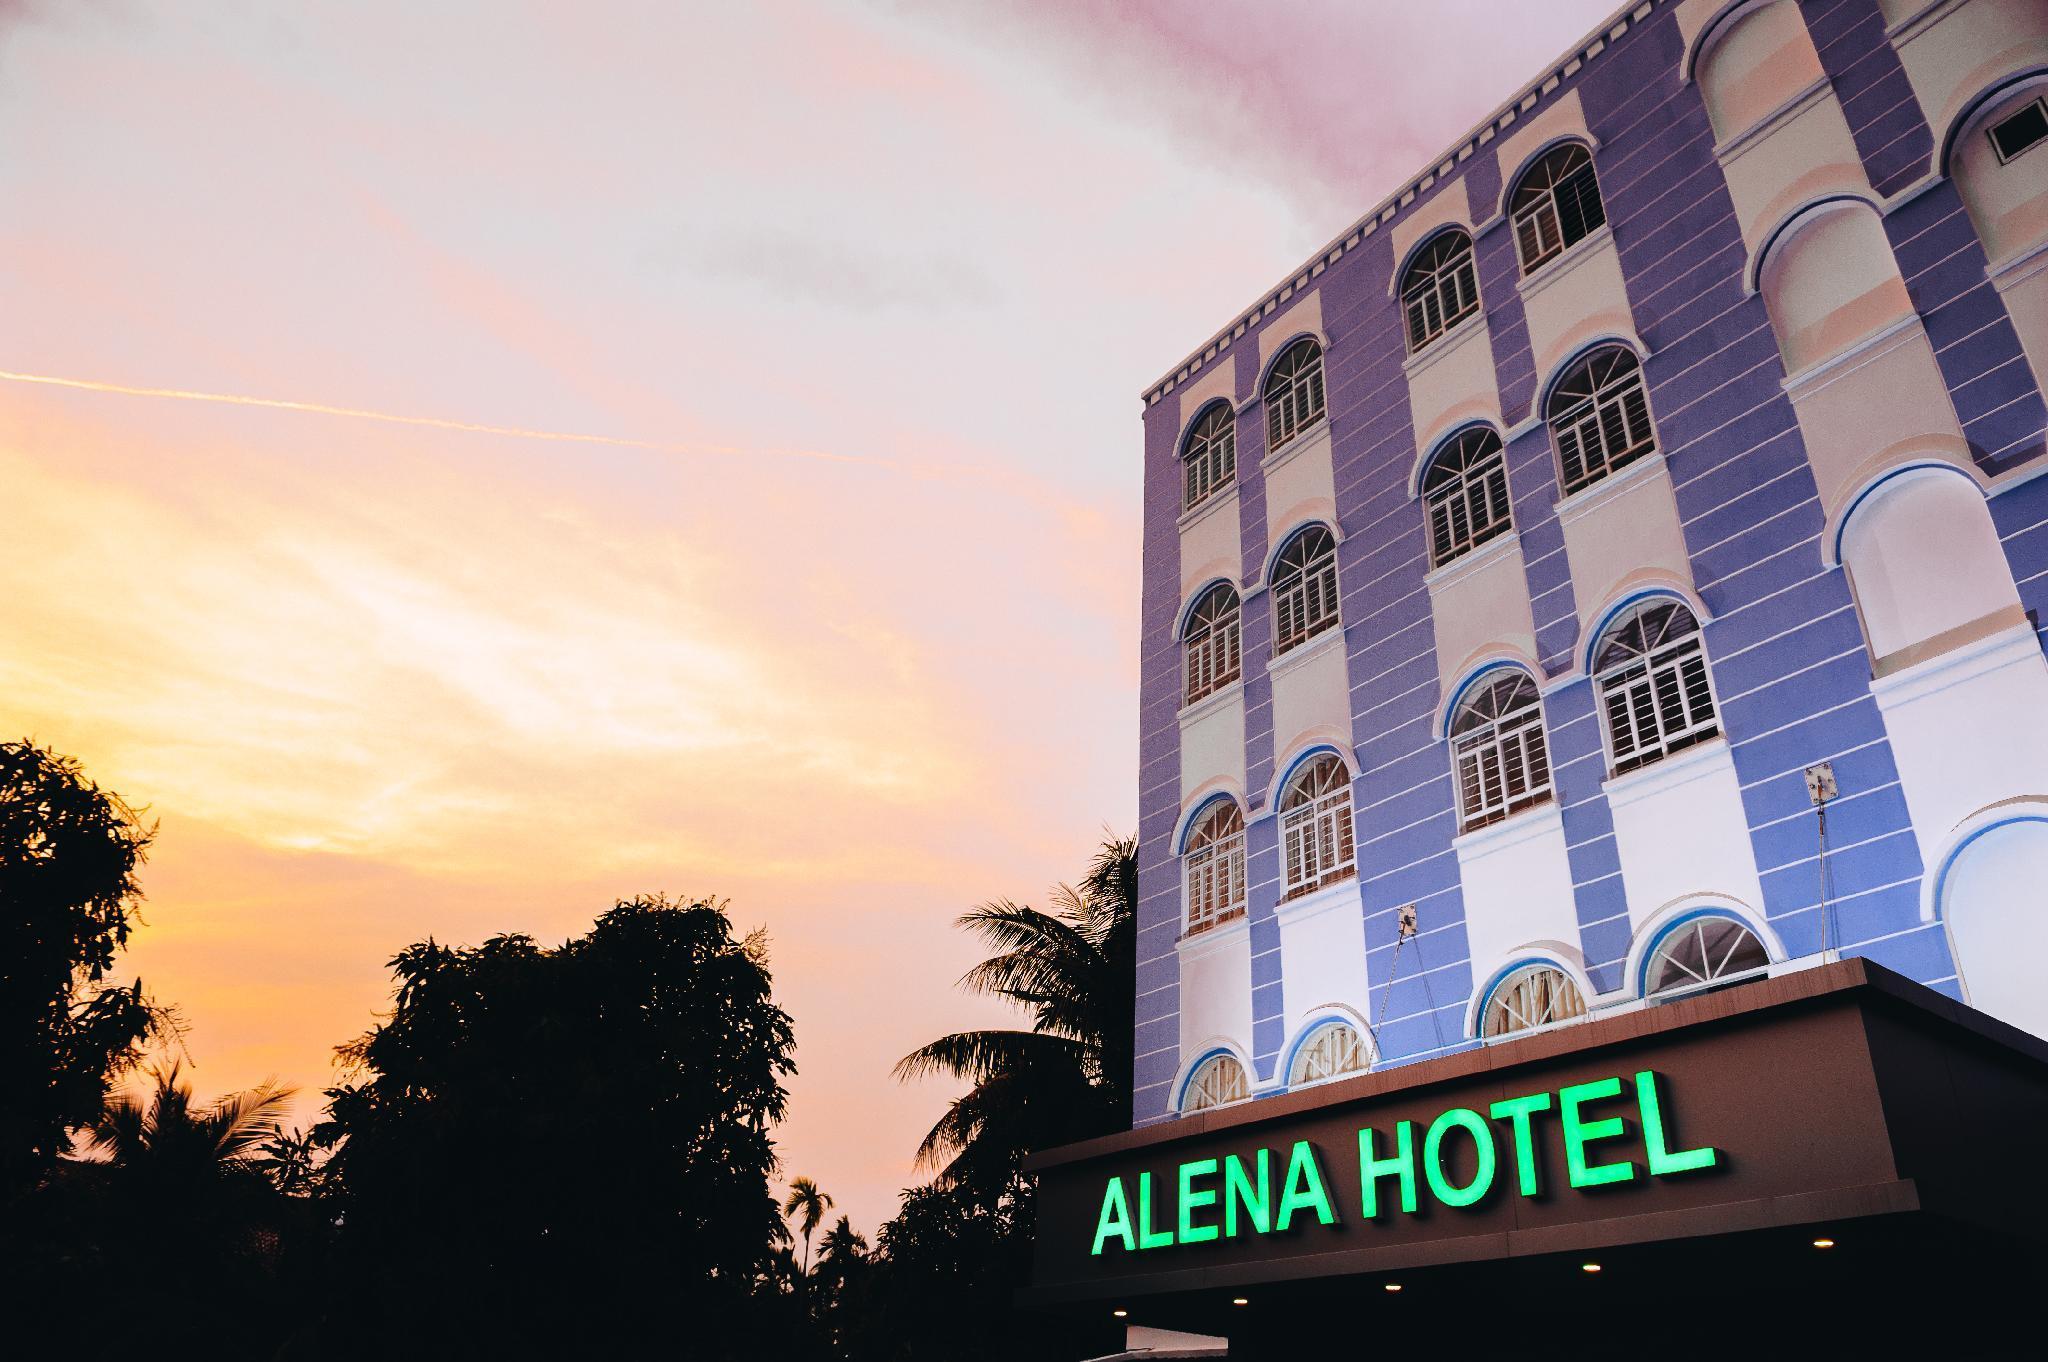 Alena Hotel